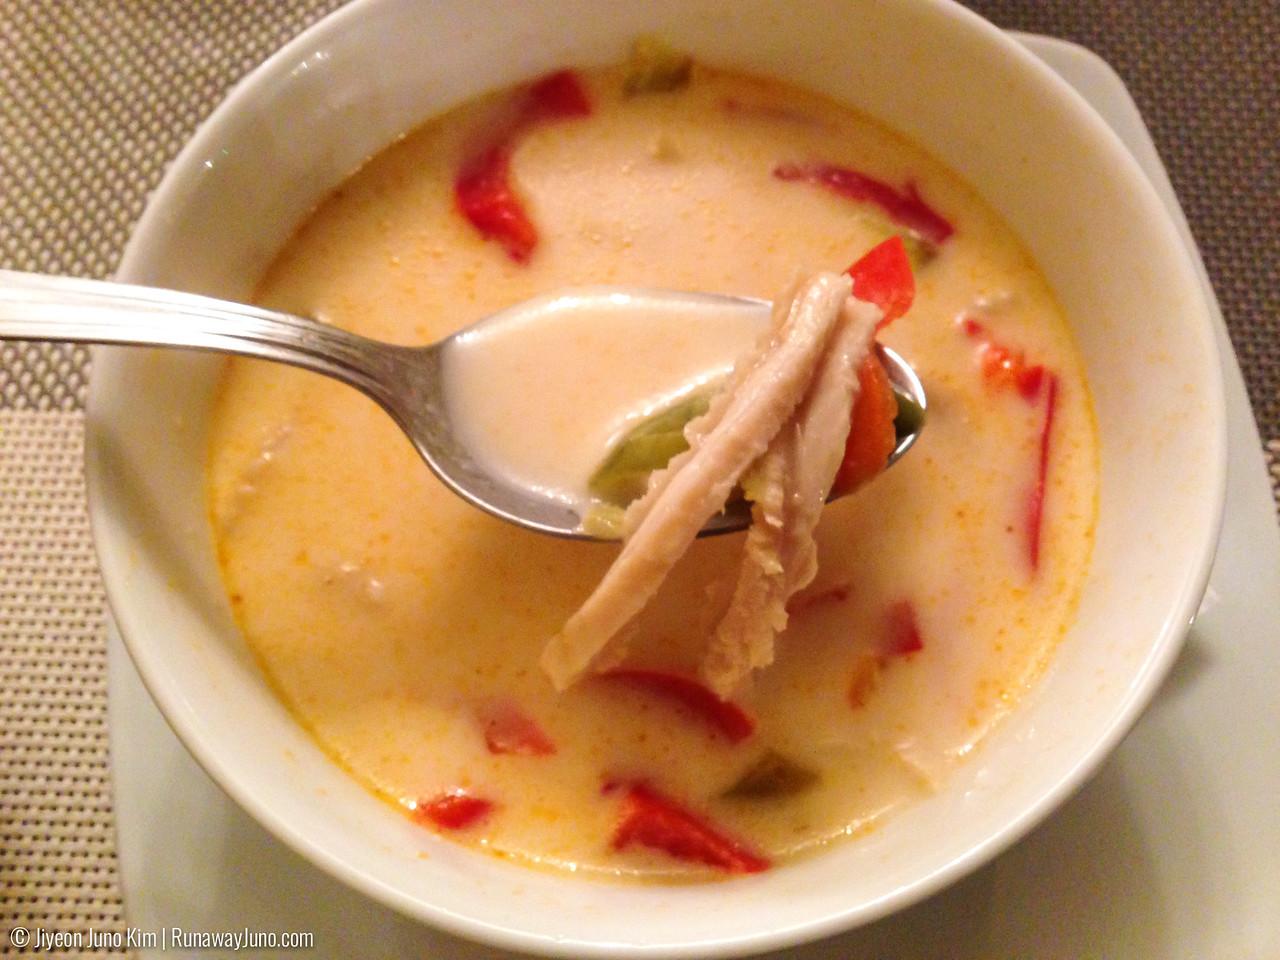 Ciorbă de burtă: tripe soup with sour cream